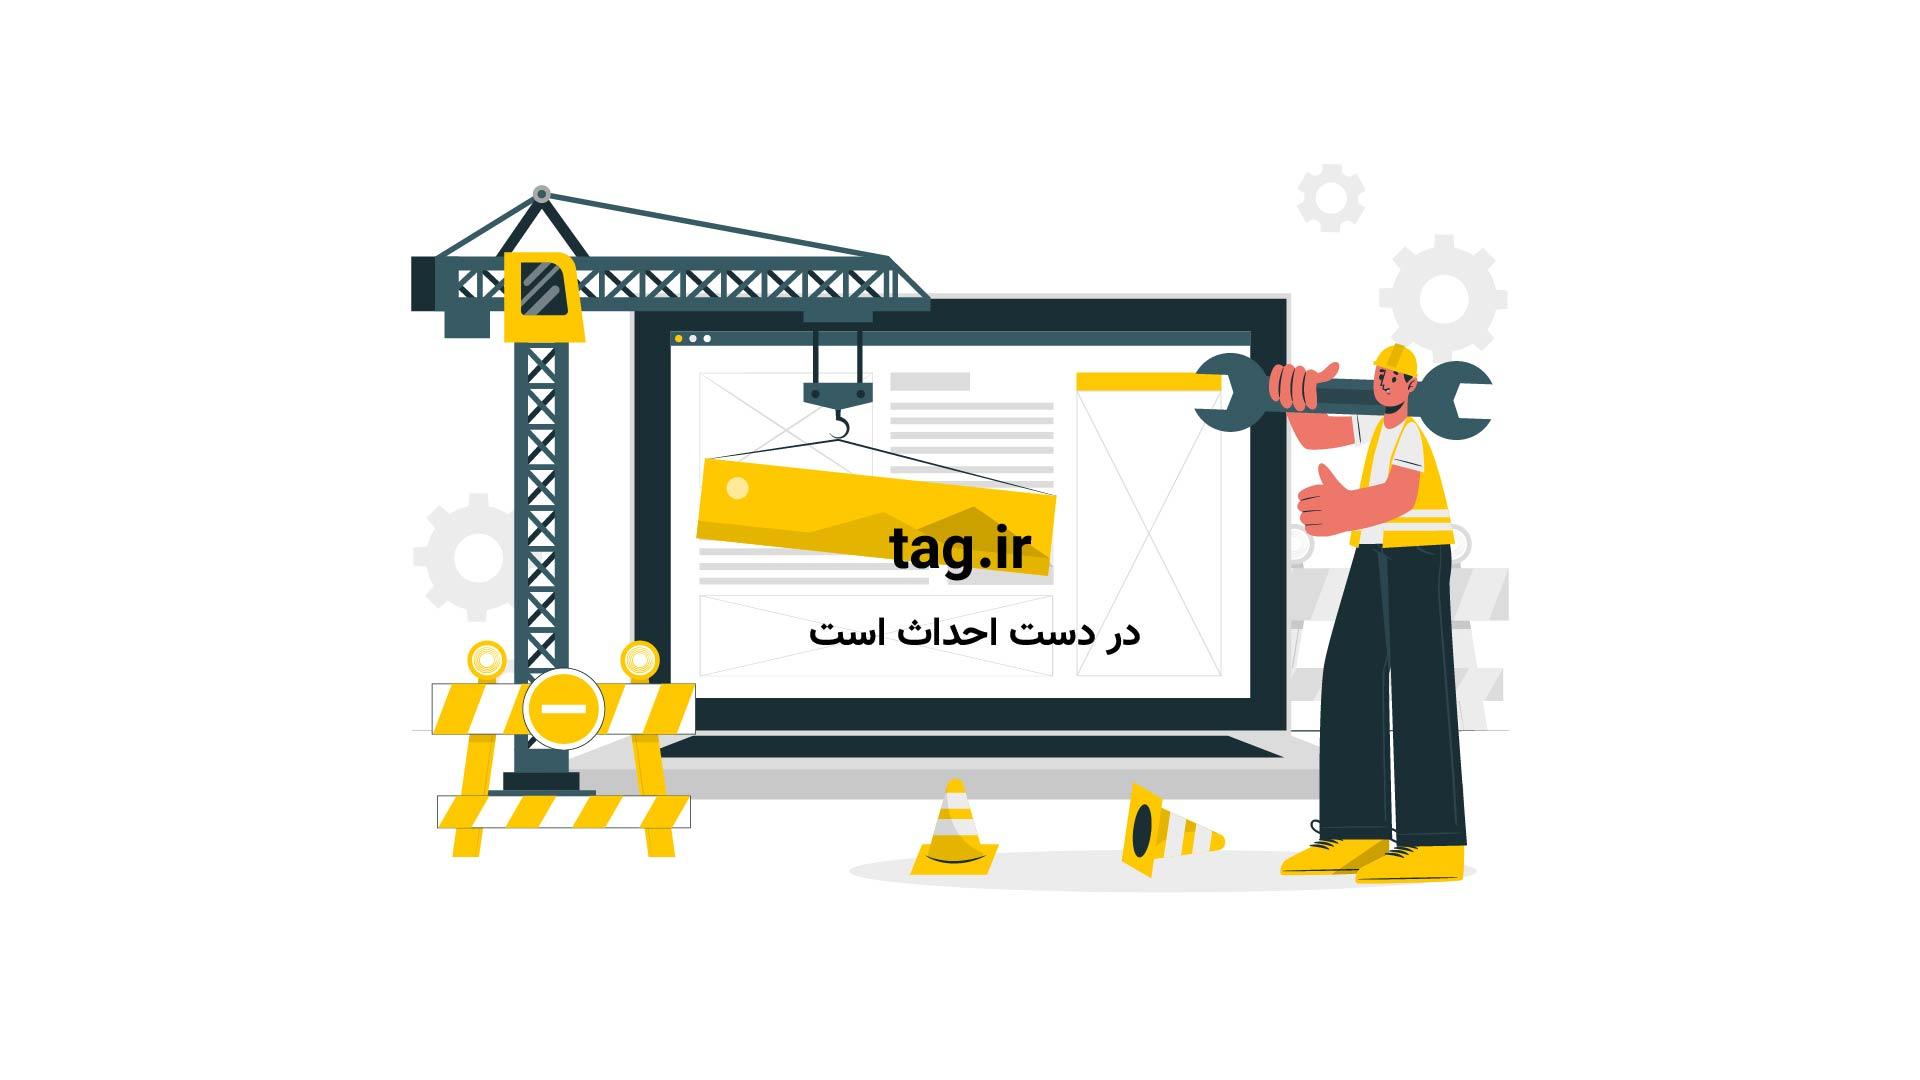 ورزش | تگ